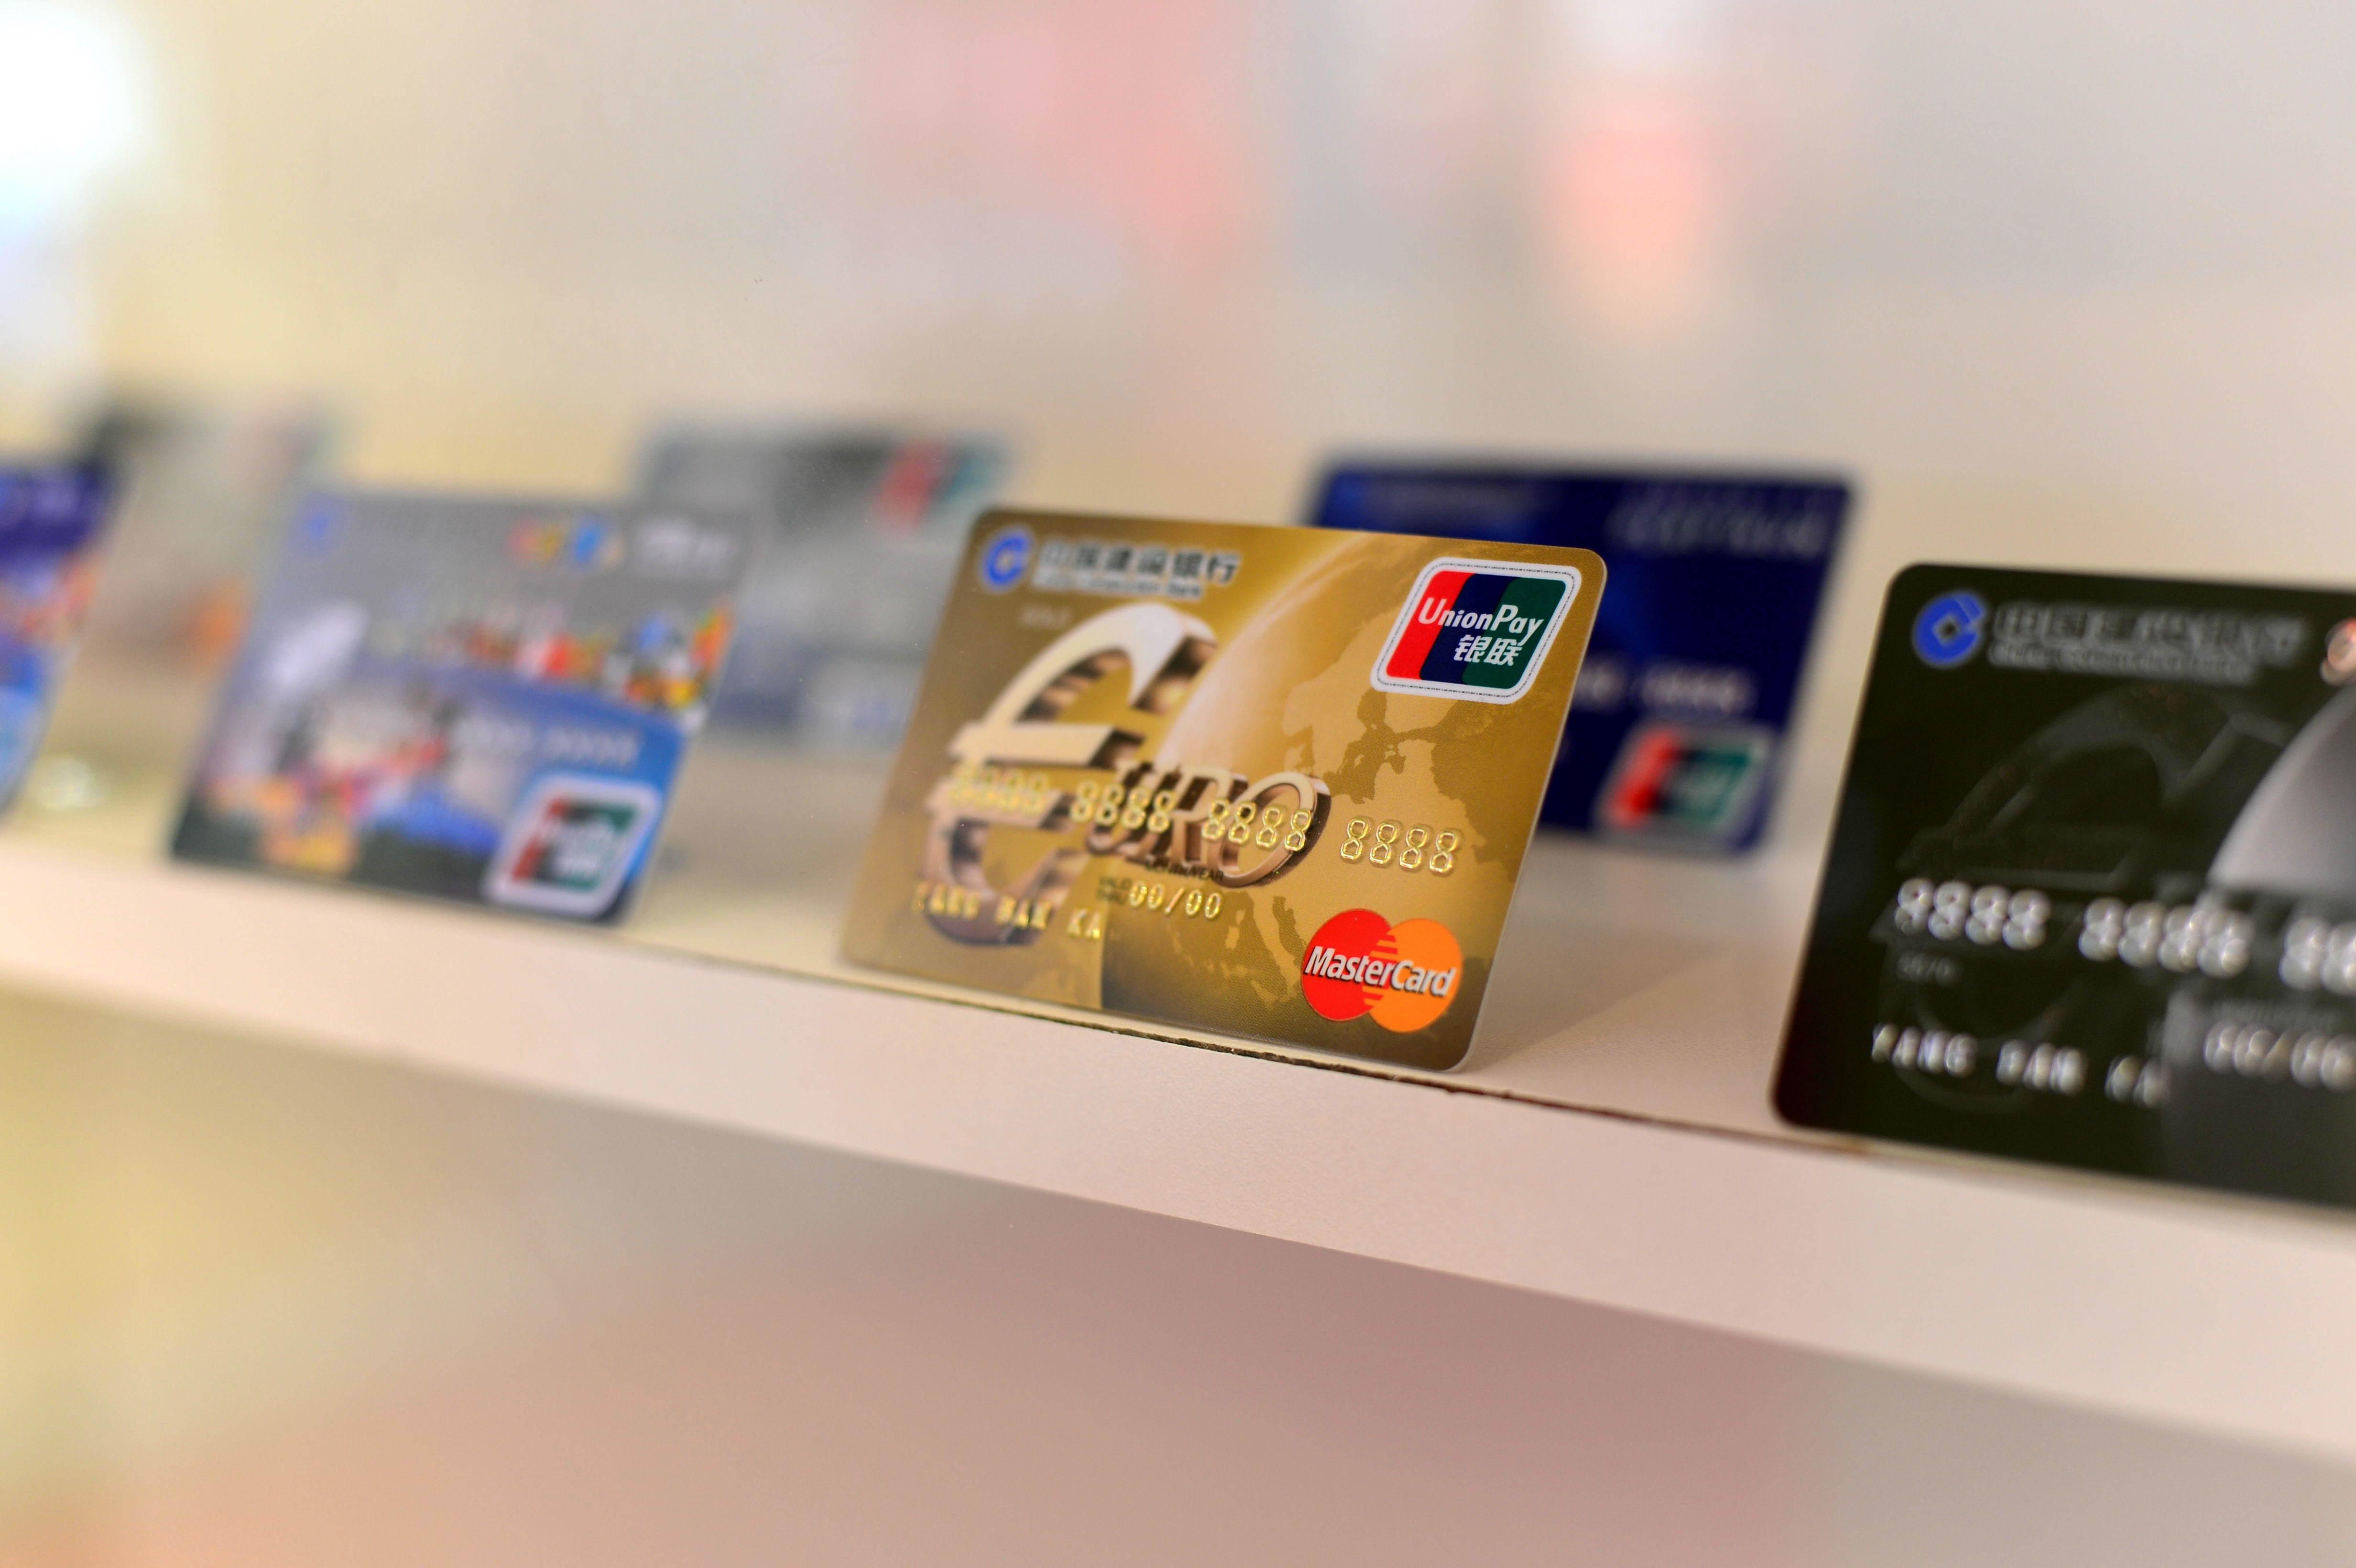 8万额度白金卡,?#20817;?#21345;和这张卡,你选哪个?